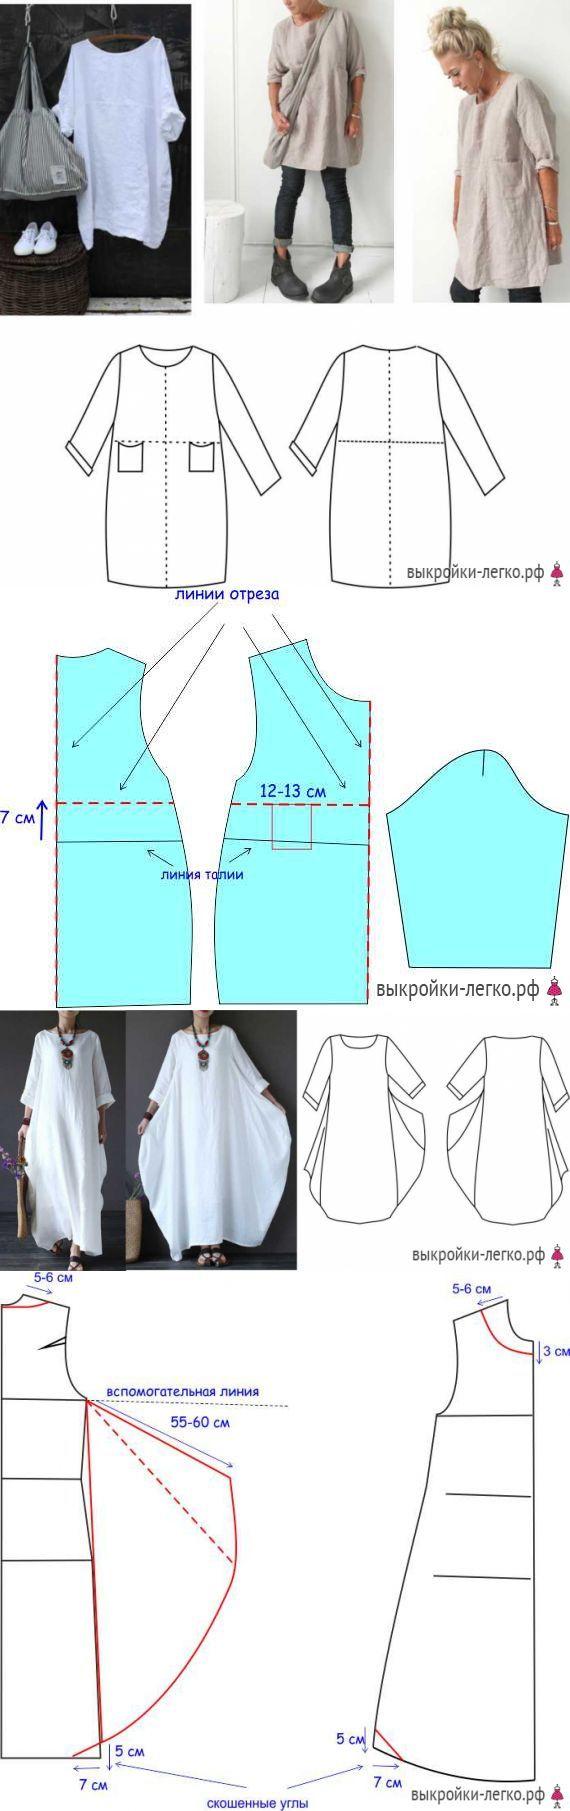 patterneasy.com брюки: 21 тыс изображений найдено в Яндекс.Картинках